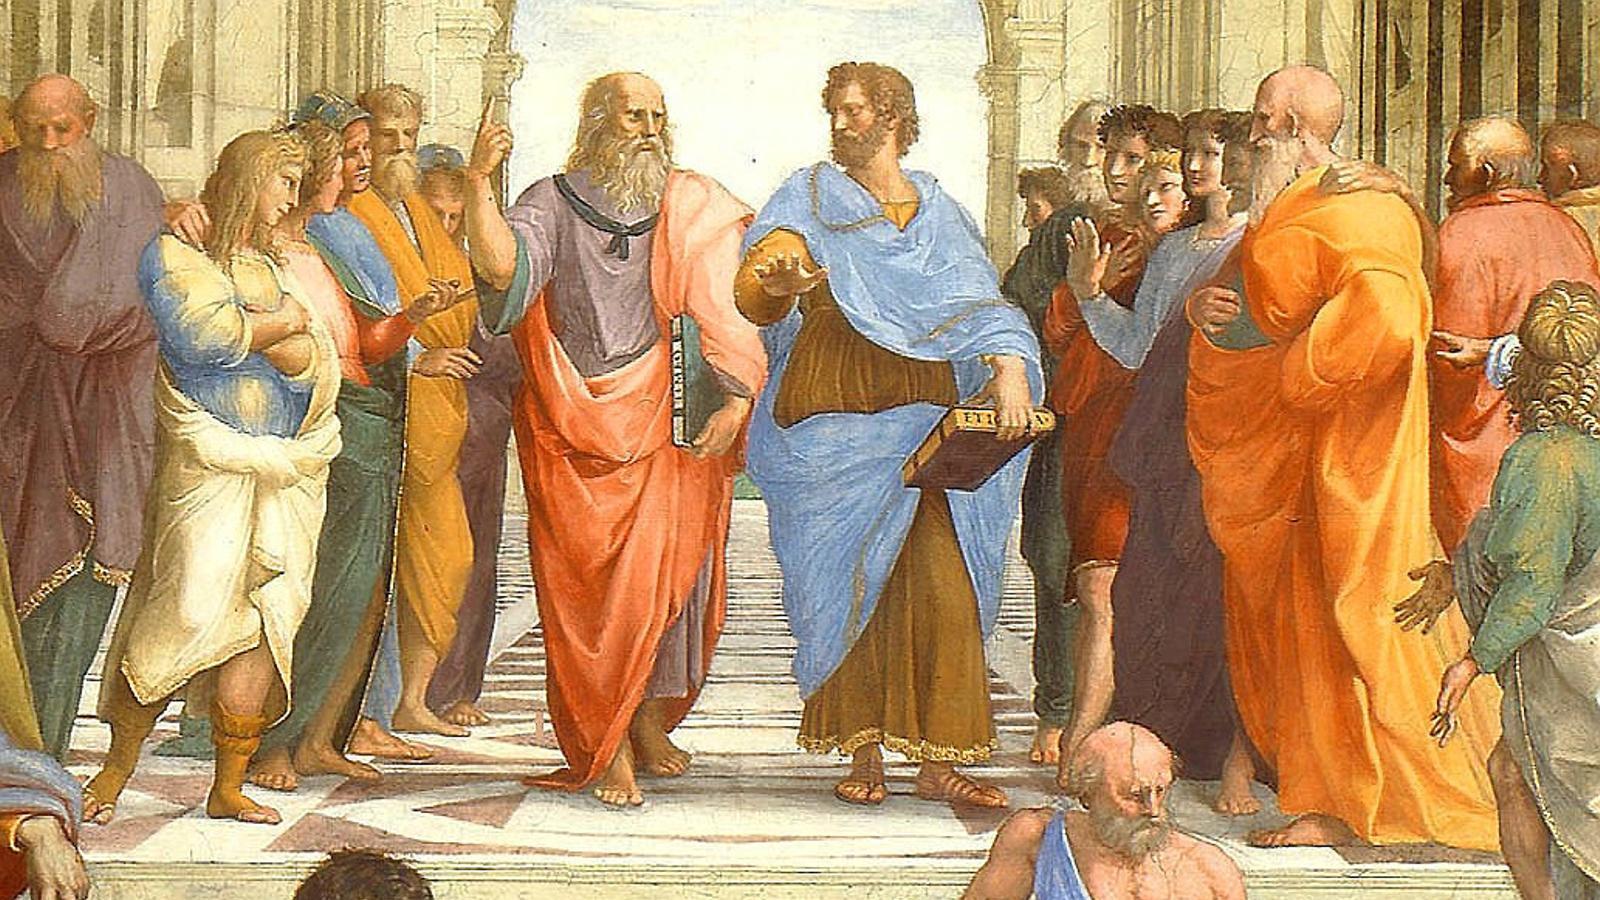 Rafael va pintar Heràclit (a baix a l'esquerra) amb la cara de Miquel Àngel a l'Escola d'Atenes.